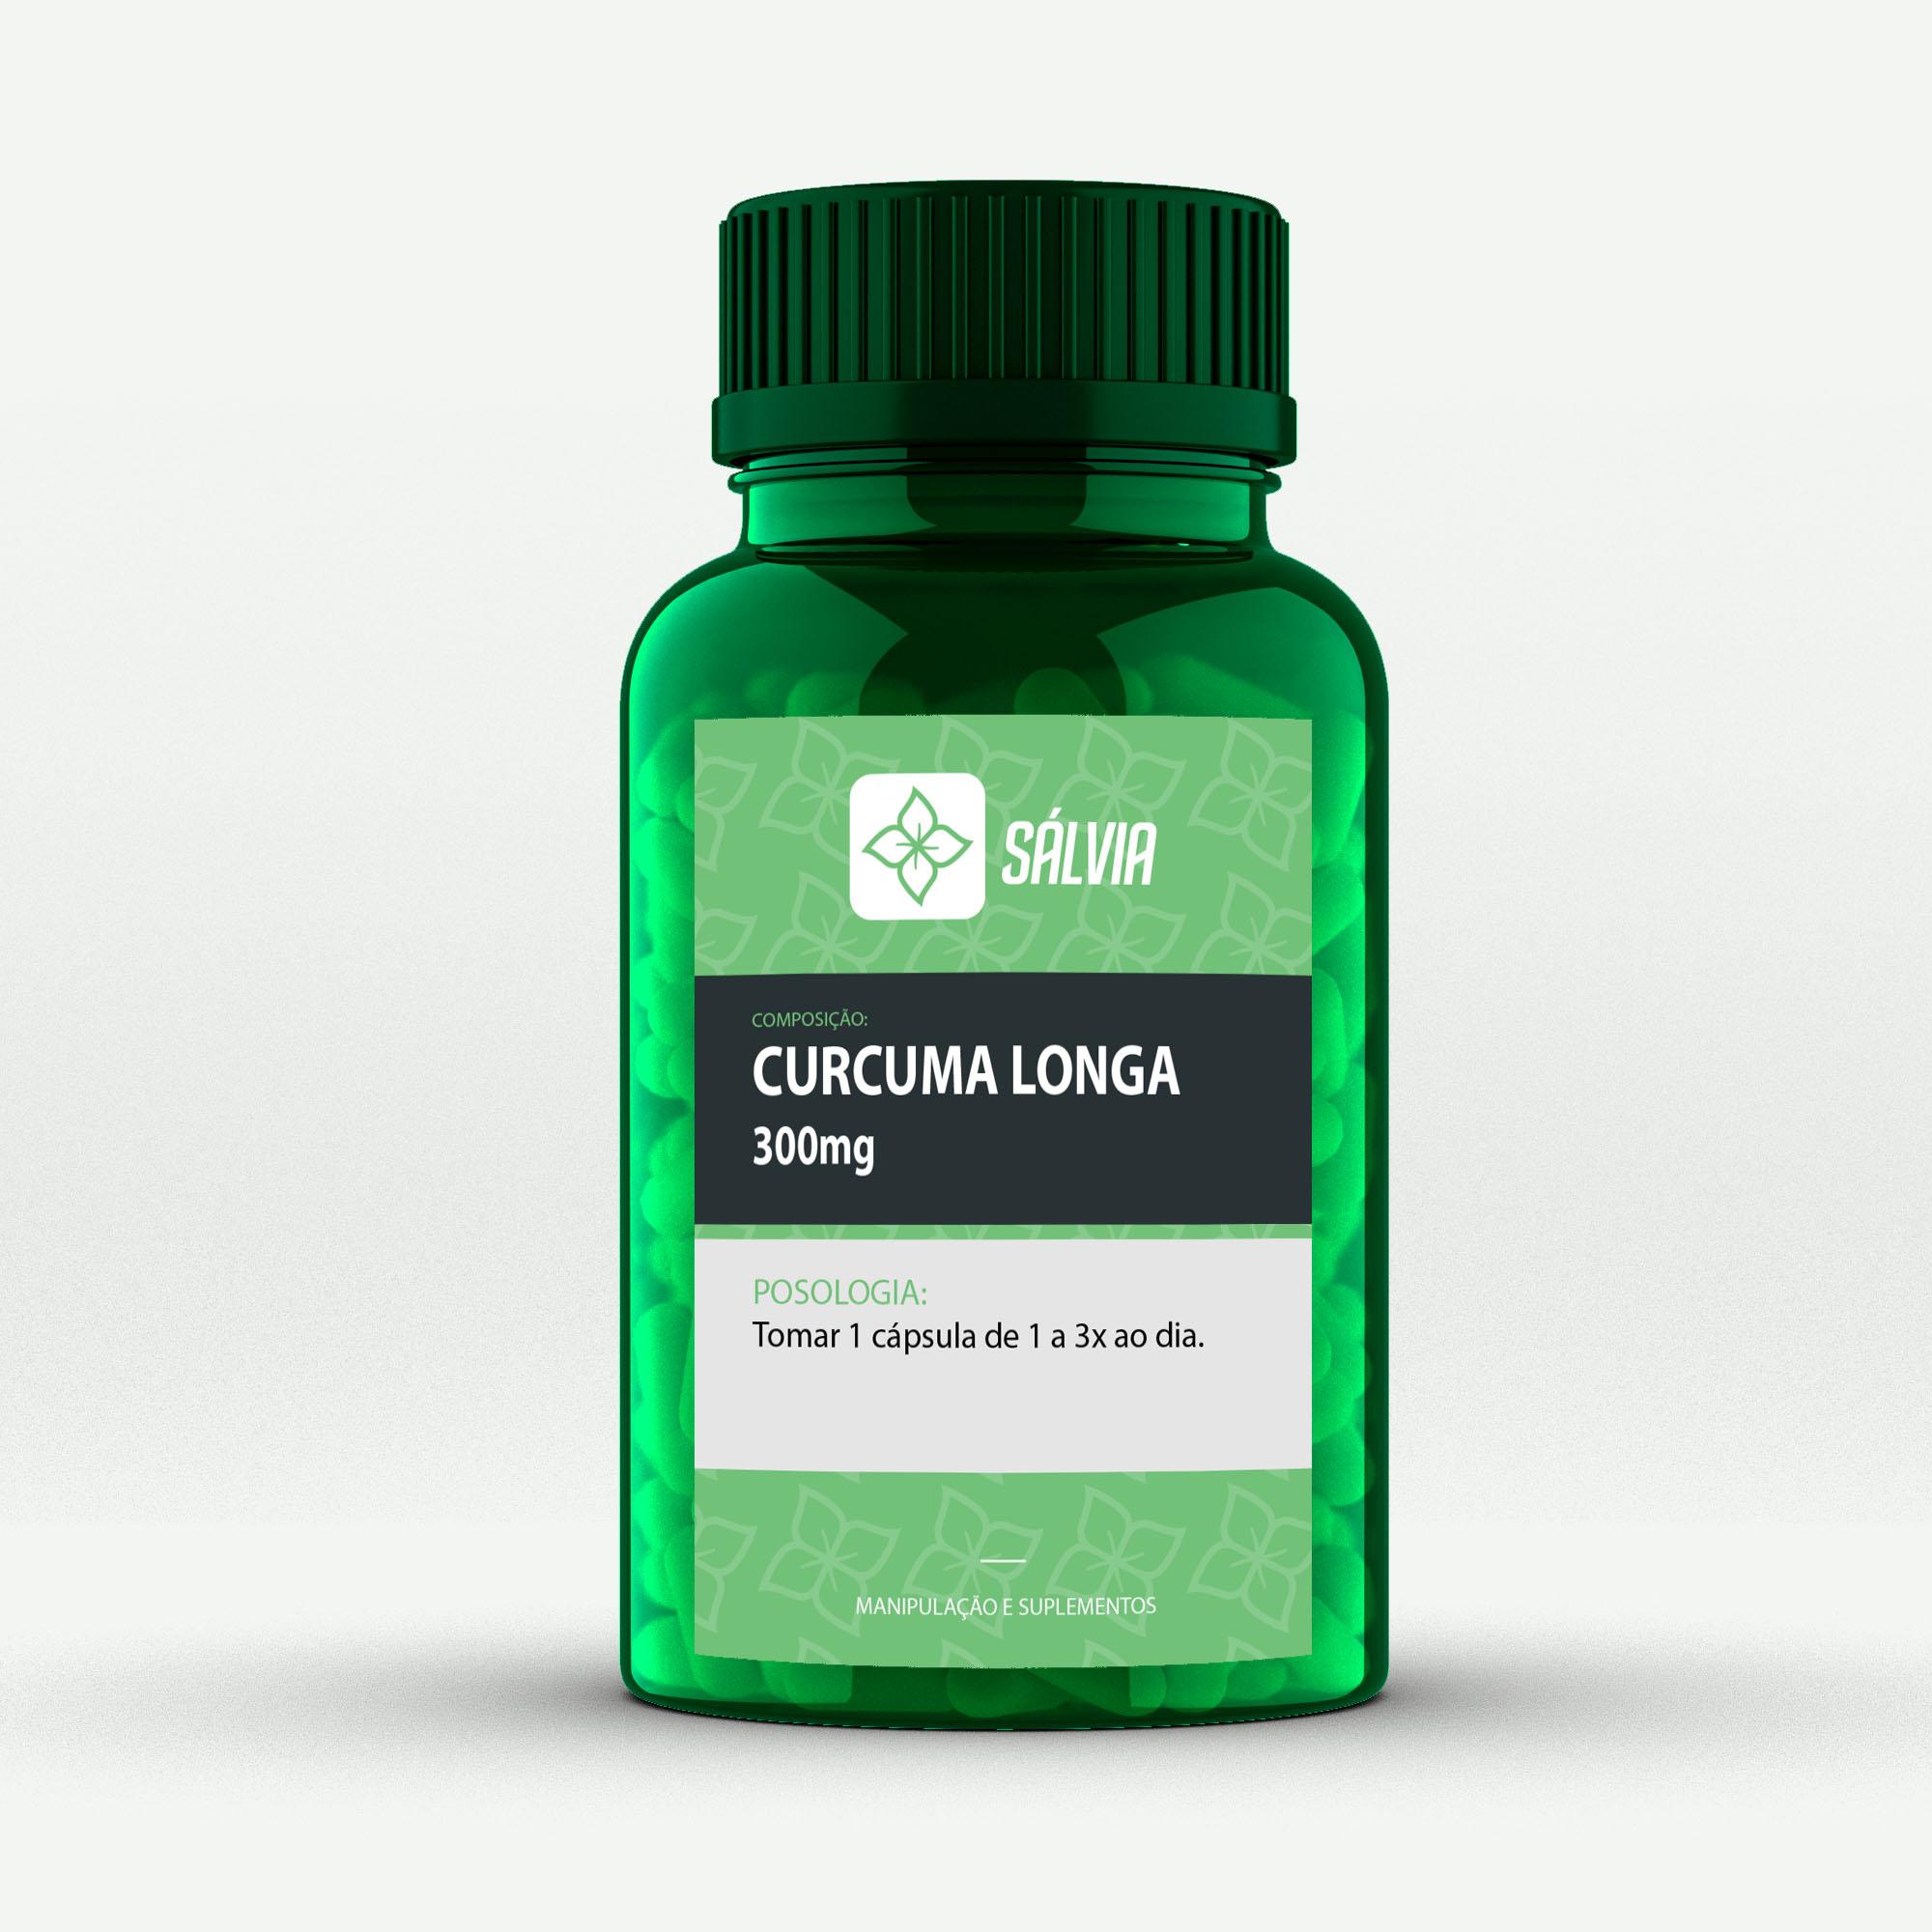 CURCUMA LONGA 300mg – Cápsulas